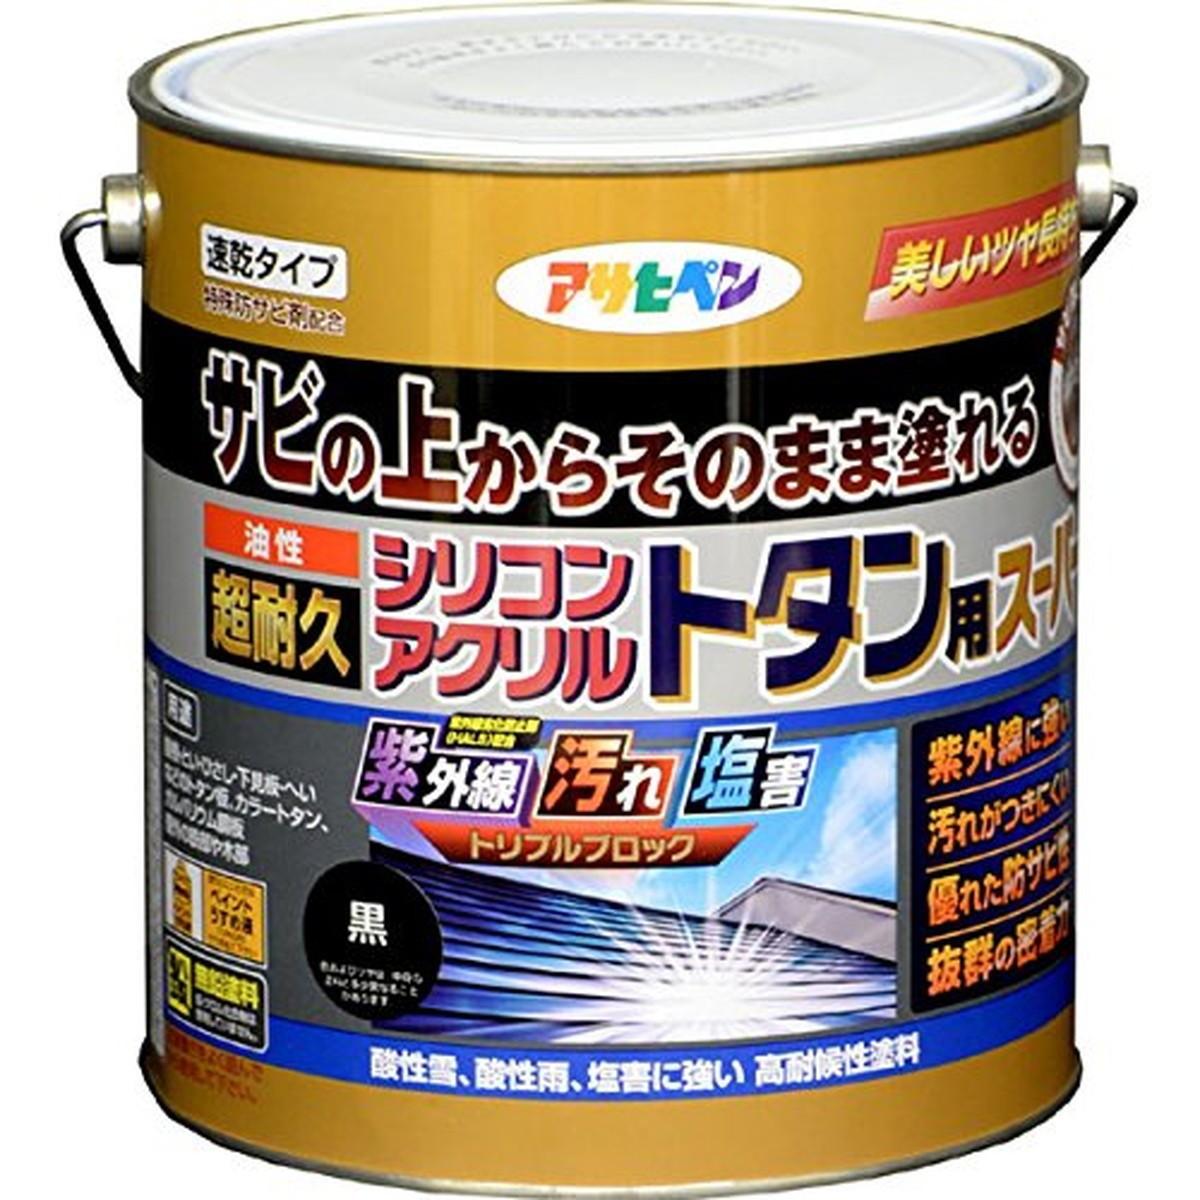 アサヒペン 油性超耐久シリコンアクリルトタン用スーパー 3kg (黒)【クーポン配布中】